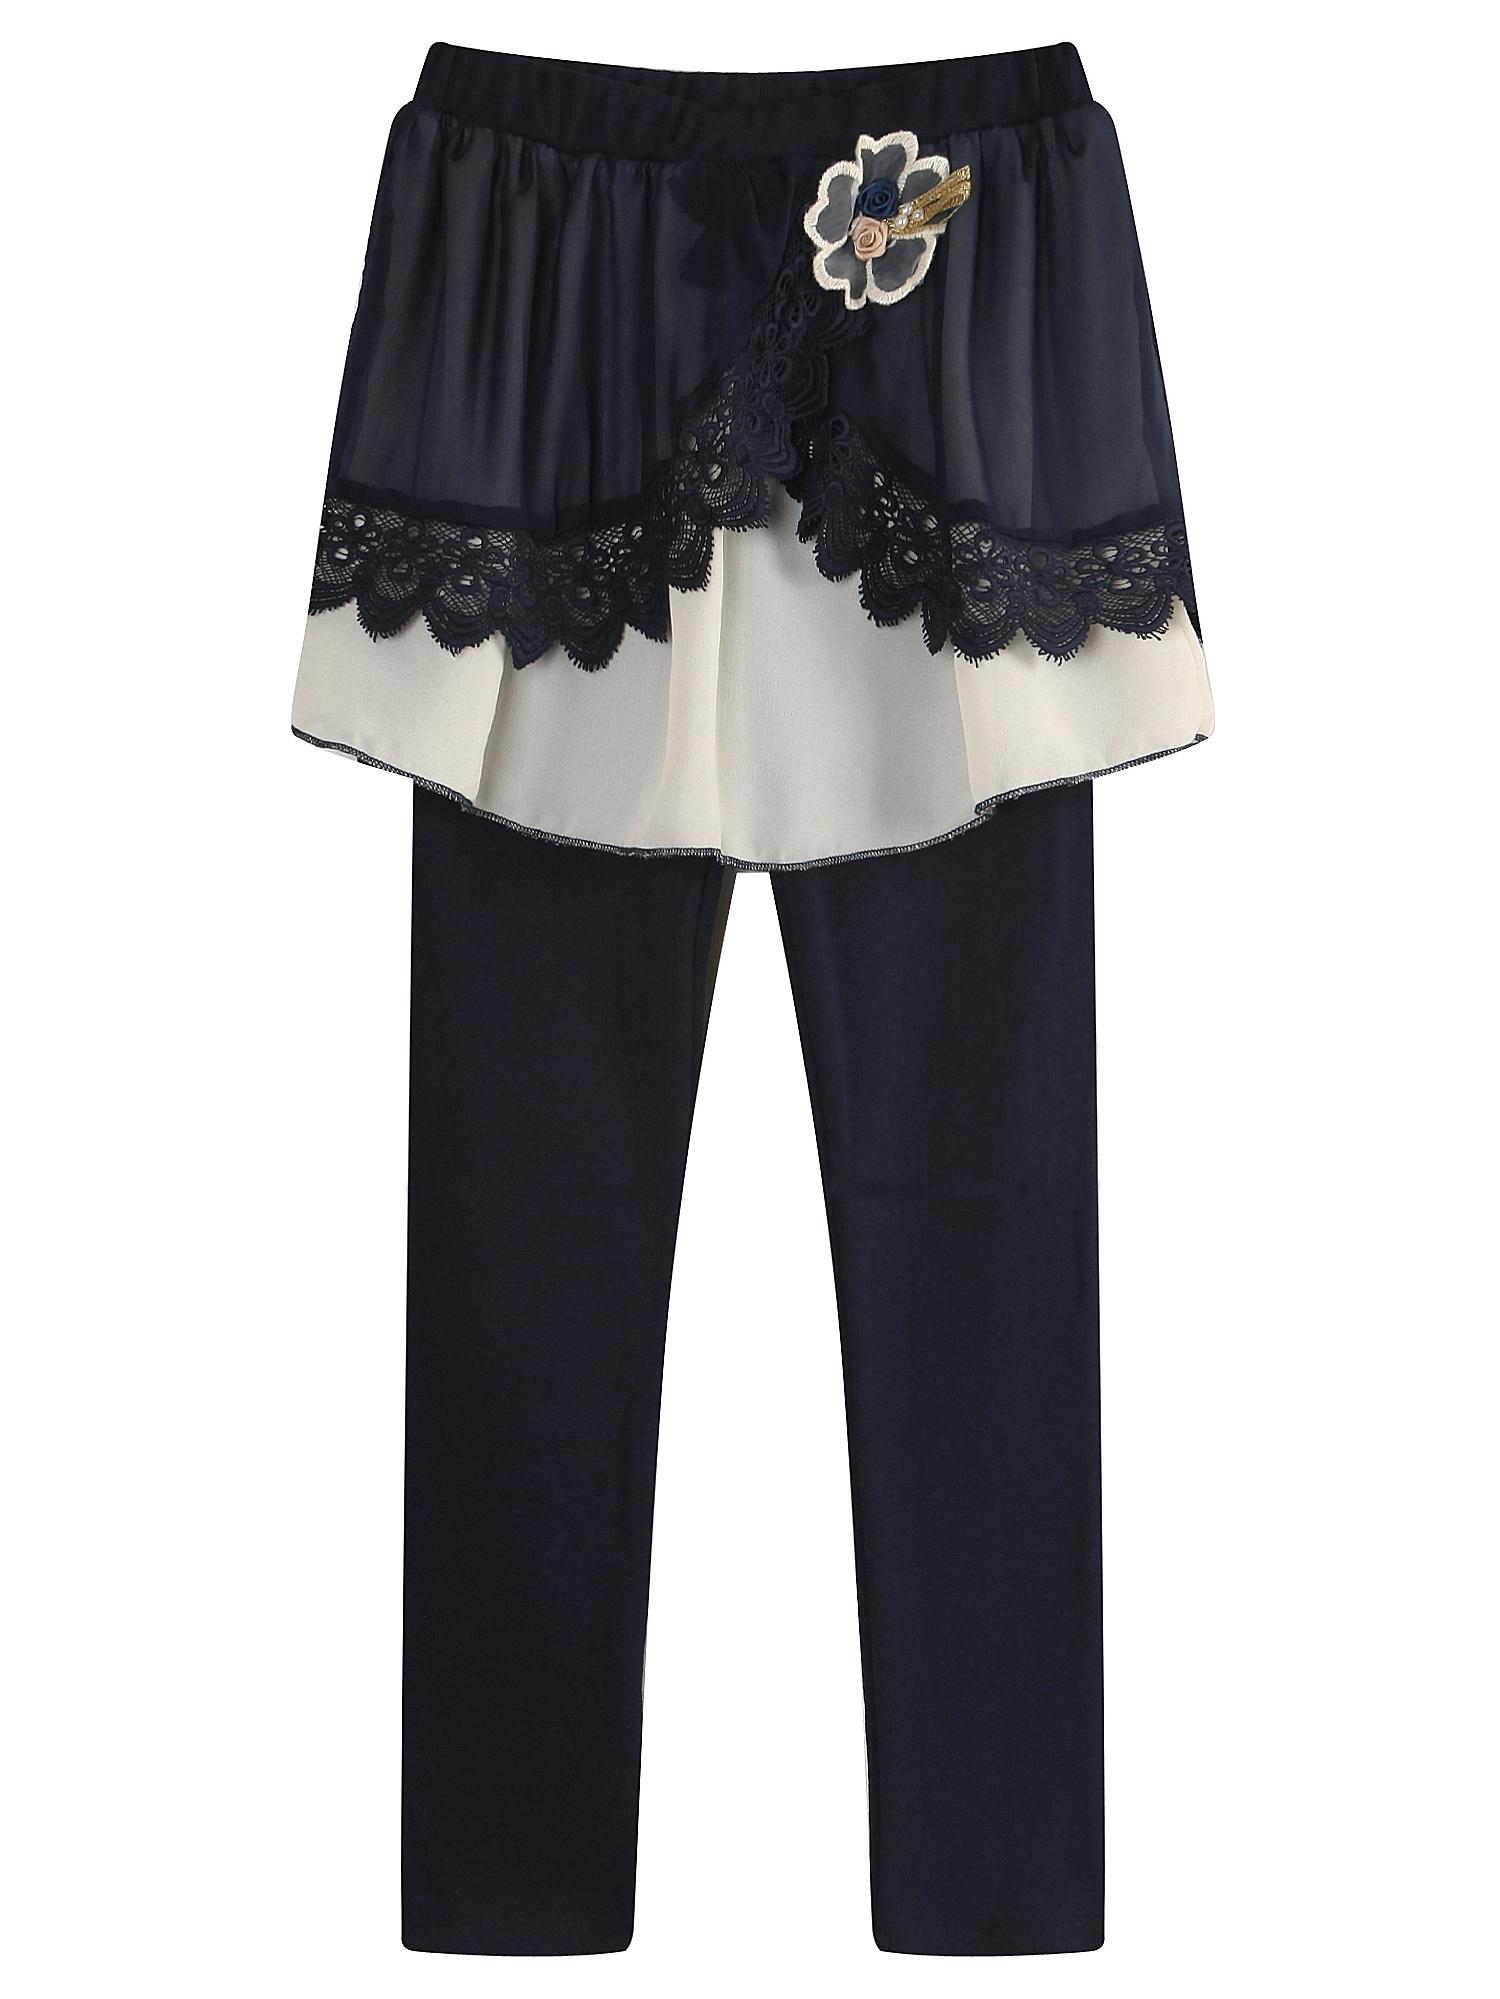 Richie House Girls' Knit Leggings with Skirt RH1623